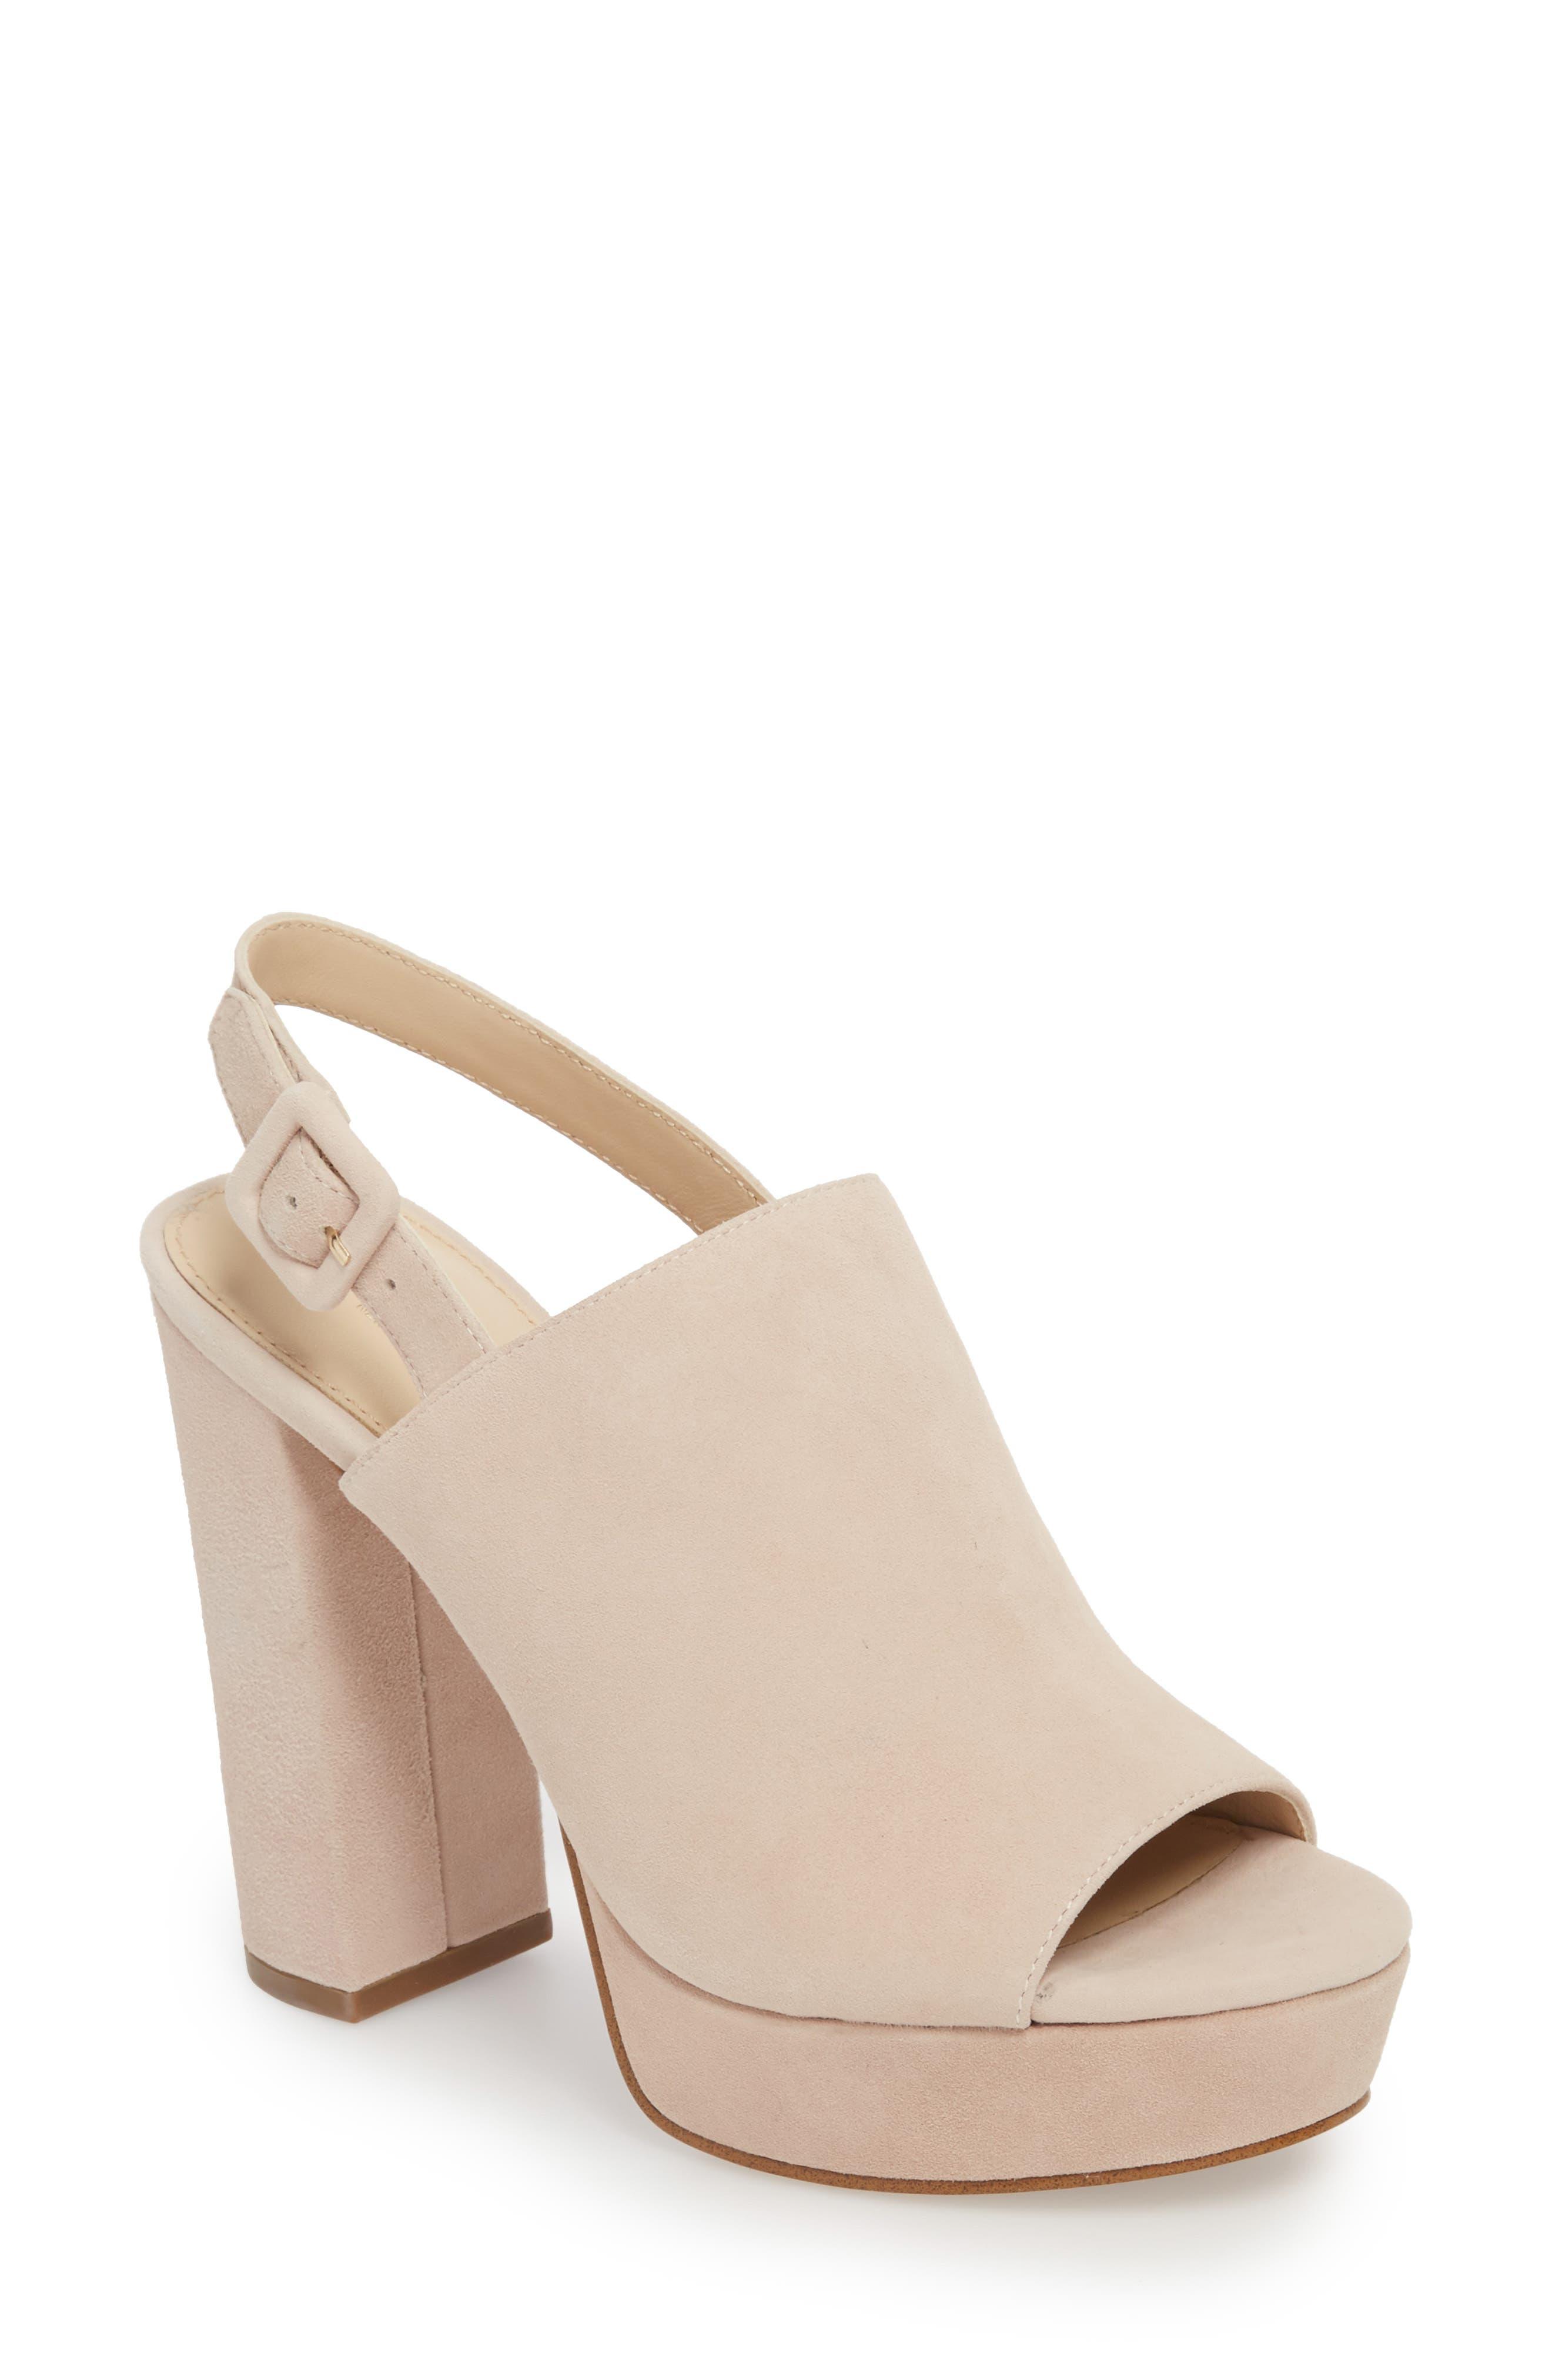 Jolene Platform Sandal,                         Main,                         color, Blush Suede